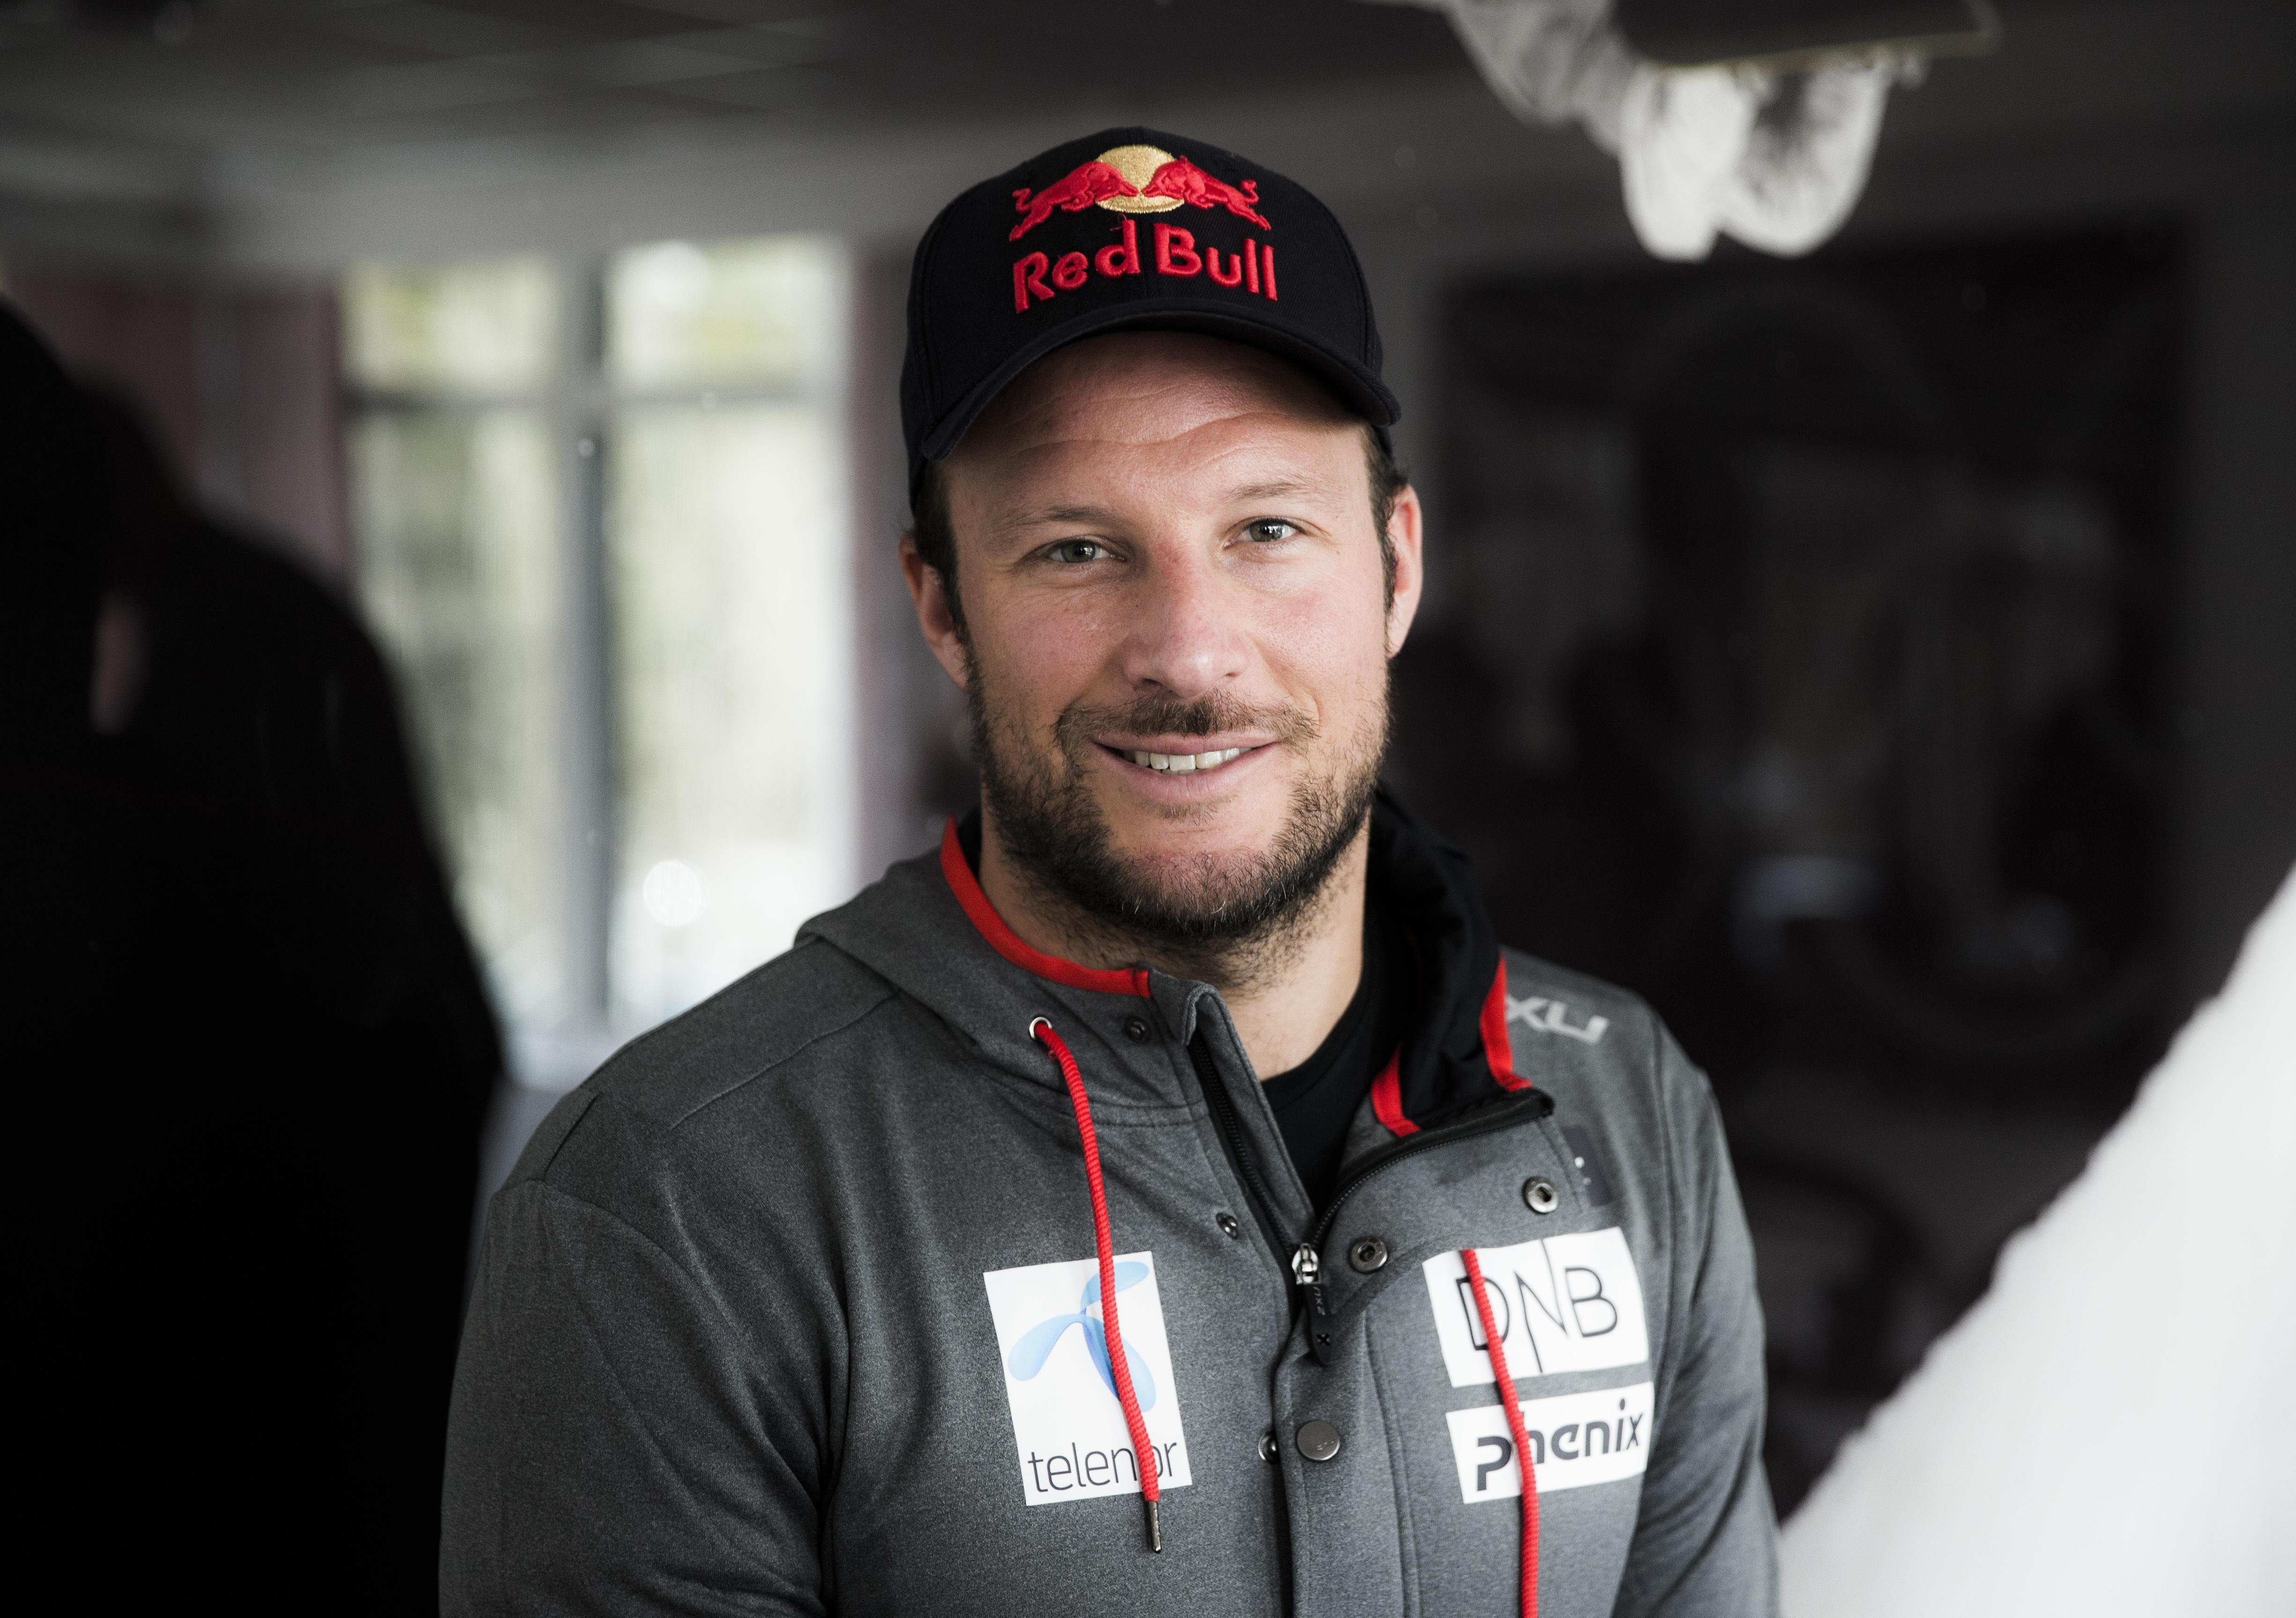 HAR TJENT FETT: Aksel Lund Svindal har tjent store penger på aksjer de siste årene. Bare på Bank Norwegian skal han ha tjent 50 millioner kroner.